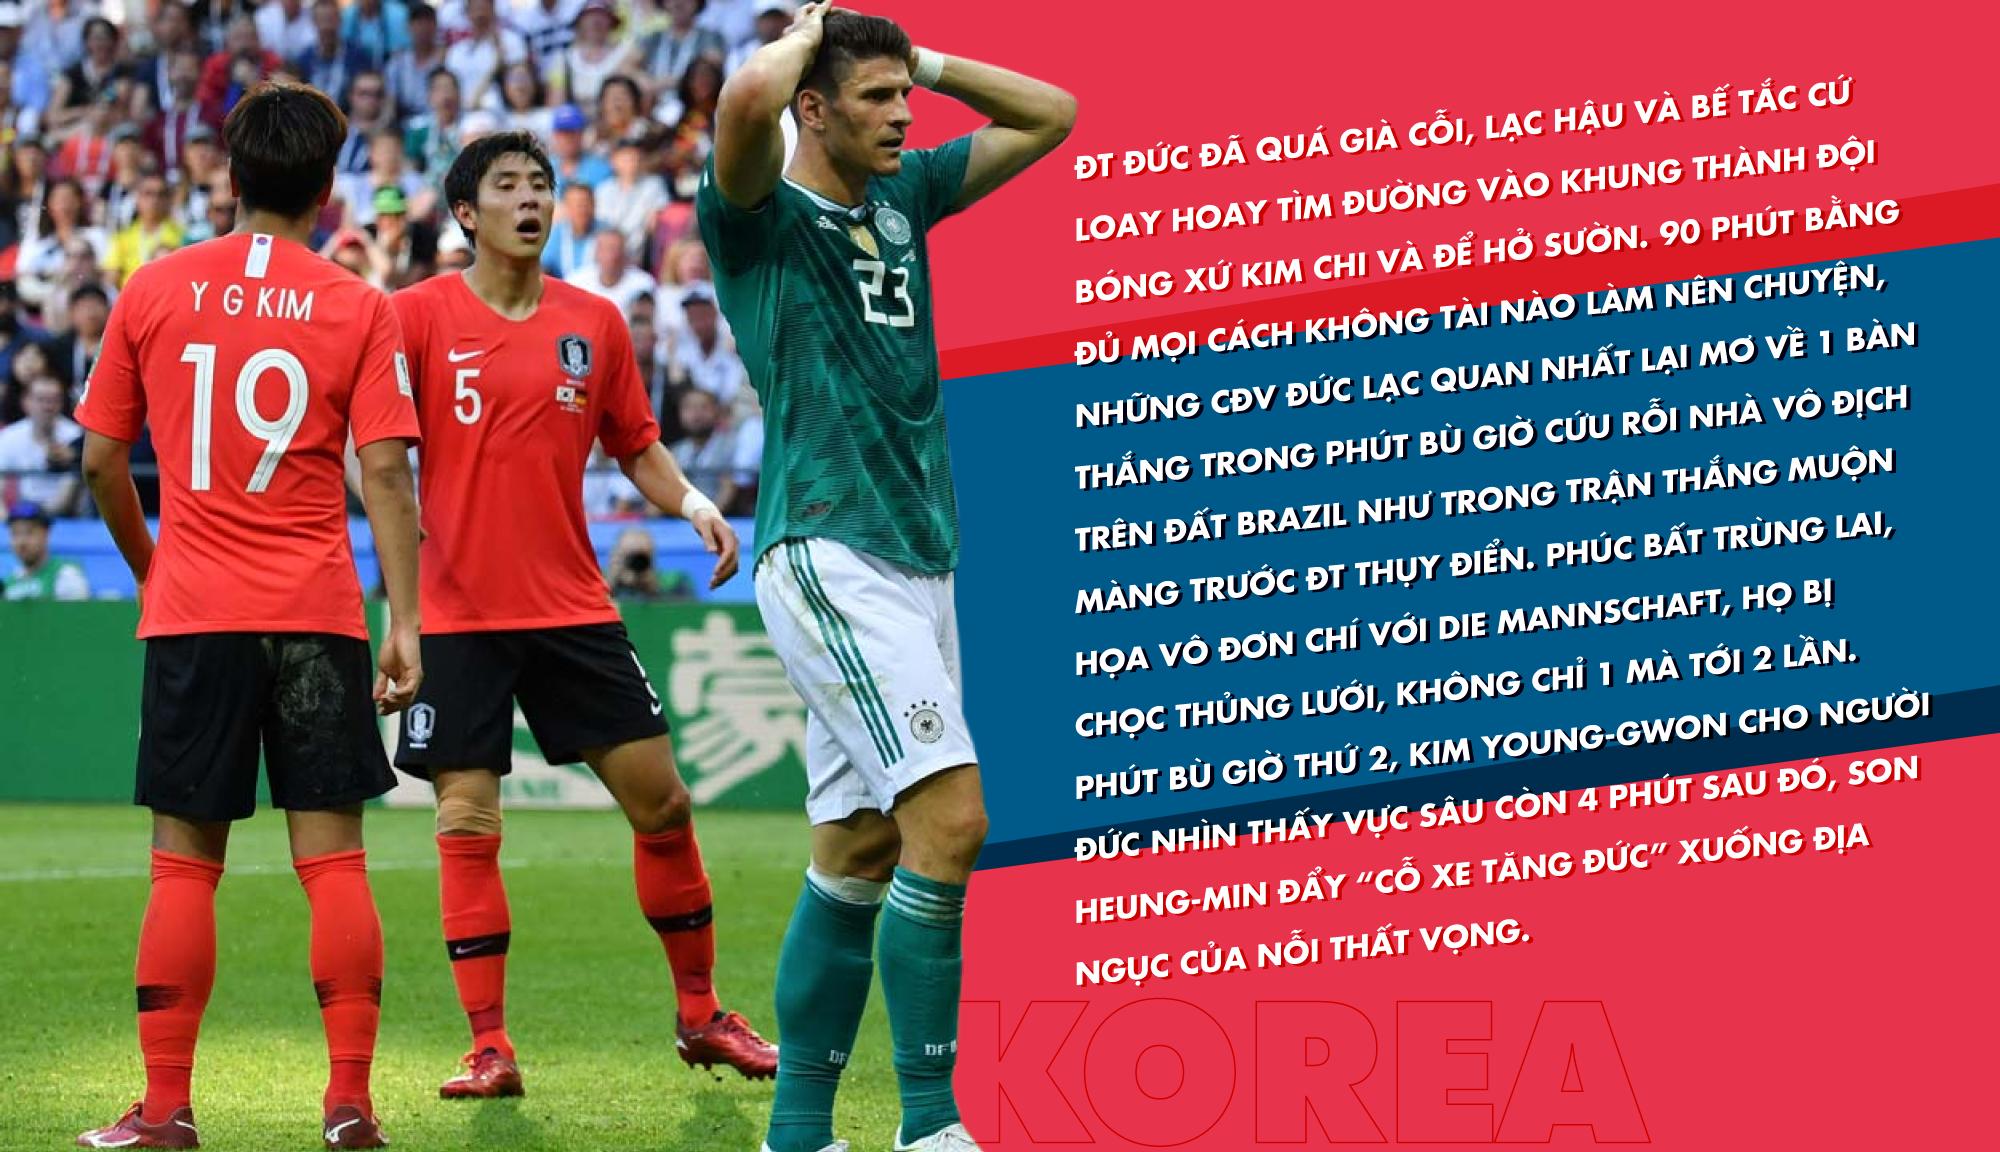 """[MAGAZINE] Những màn THOÁT HiỂM """"vỡ tim"""" và những cơn ĐỊA CHẤN động trời tại FIFA World Cup™ 2018 - Ảnh 9."""